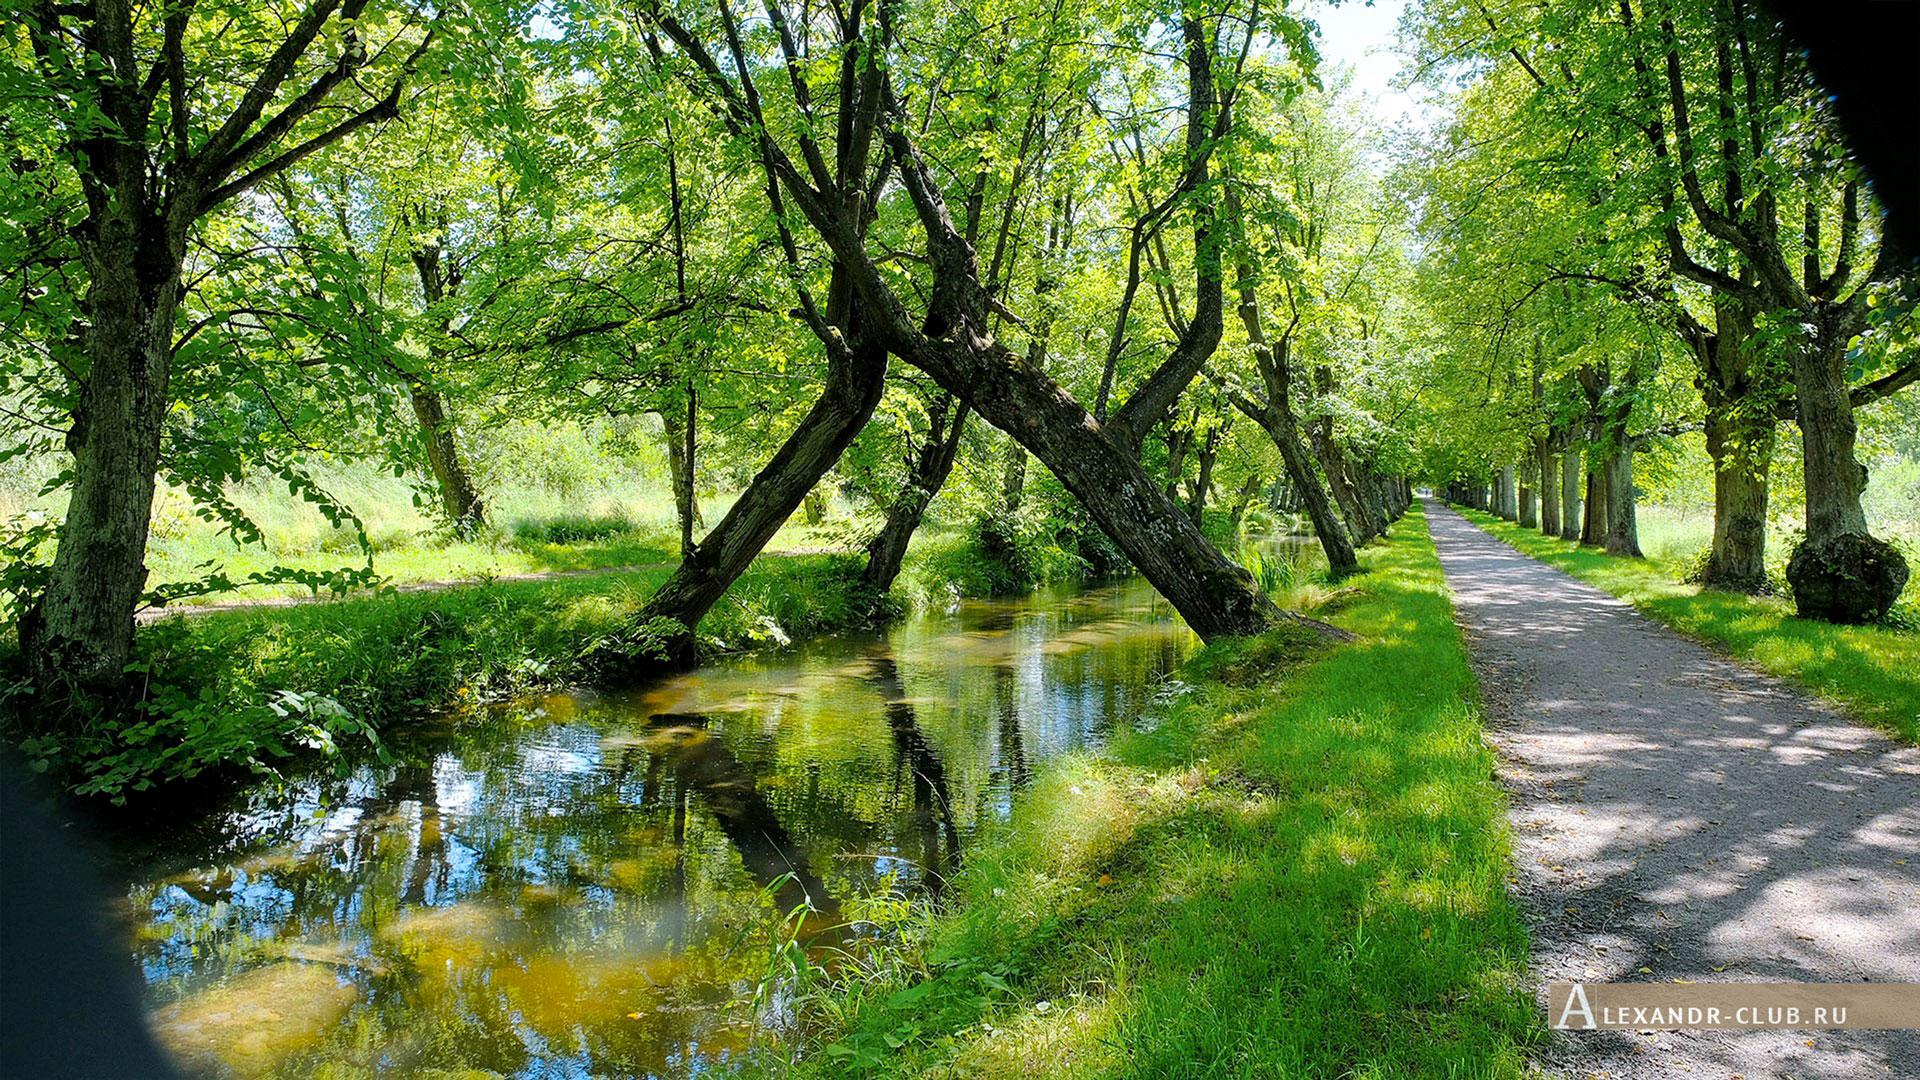 Петергоф, Луговой парк, лето, Самсониевский канал